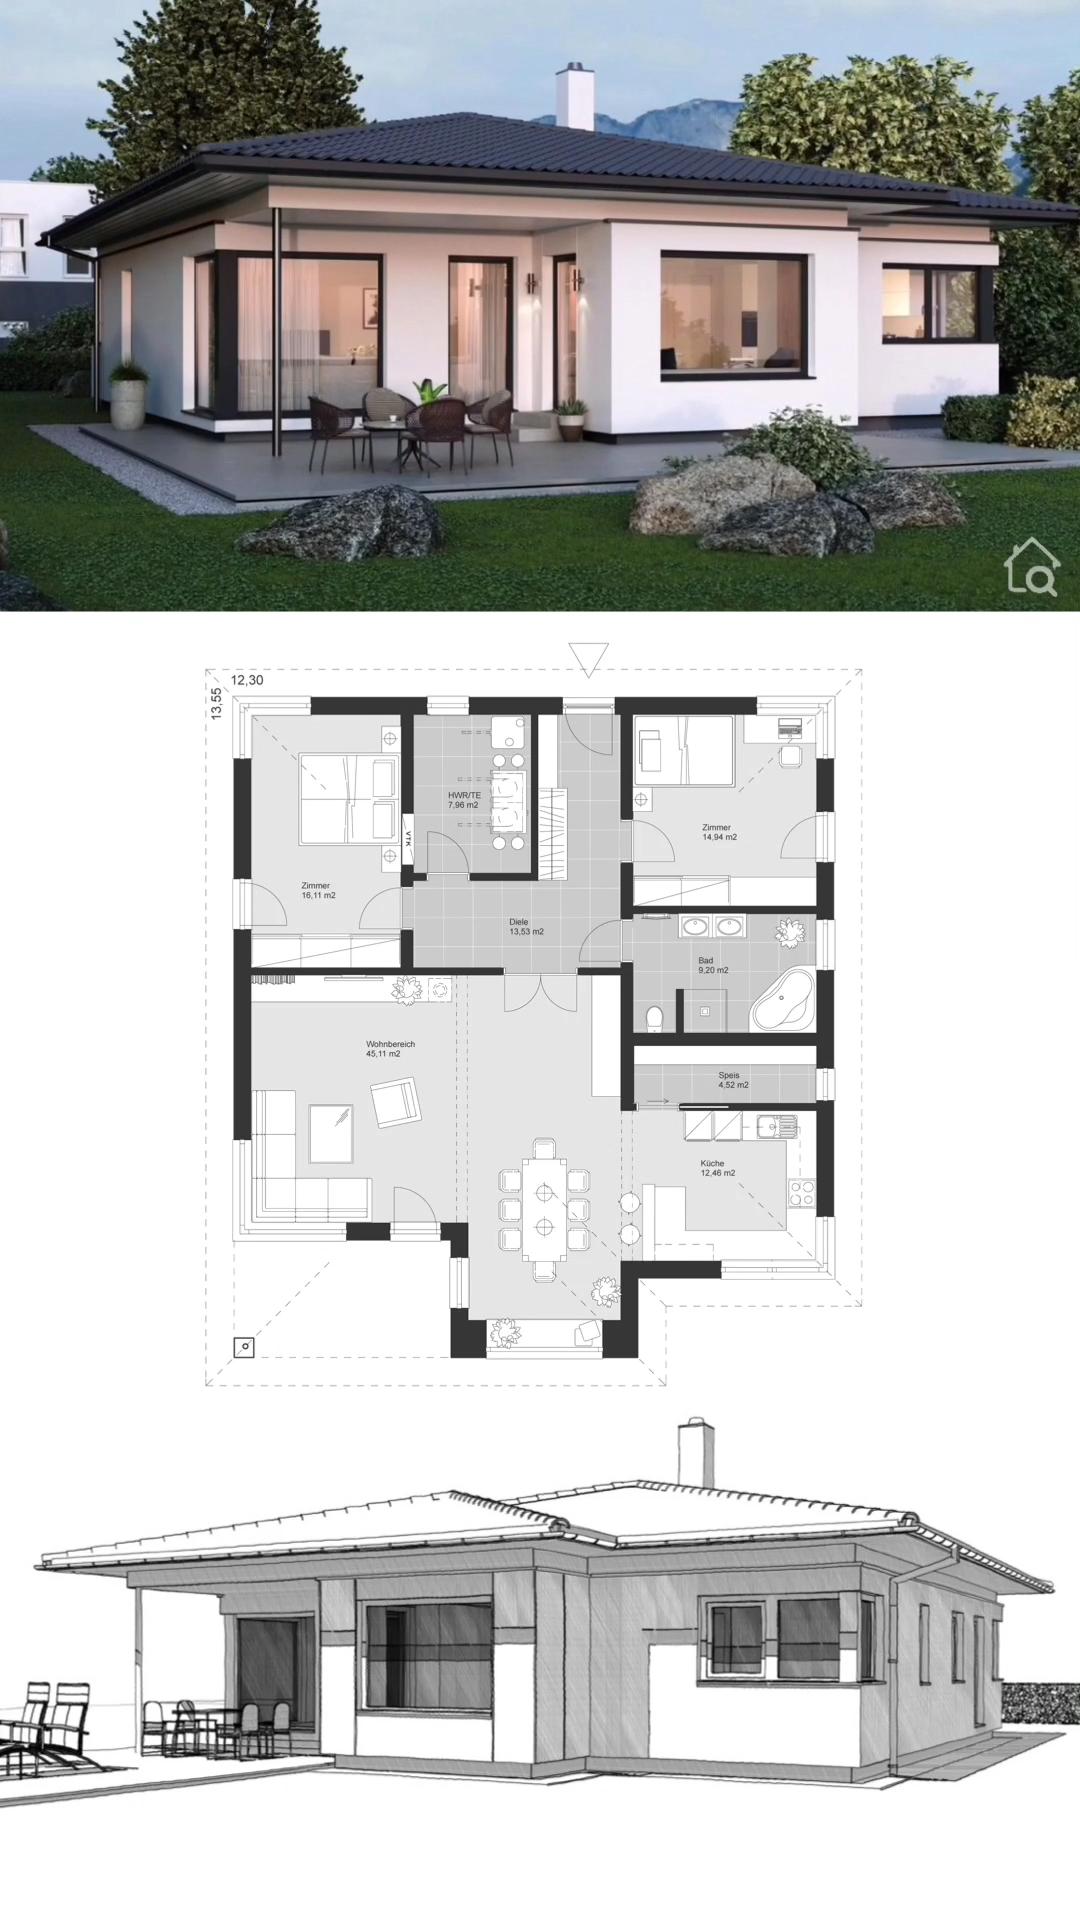 Photo of Moderner Bungalow mit Walmdach bauen, Haus Design modern mit Winkelbungalow Grundriss